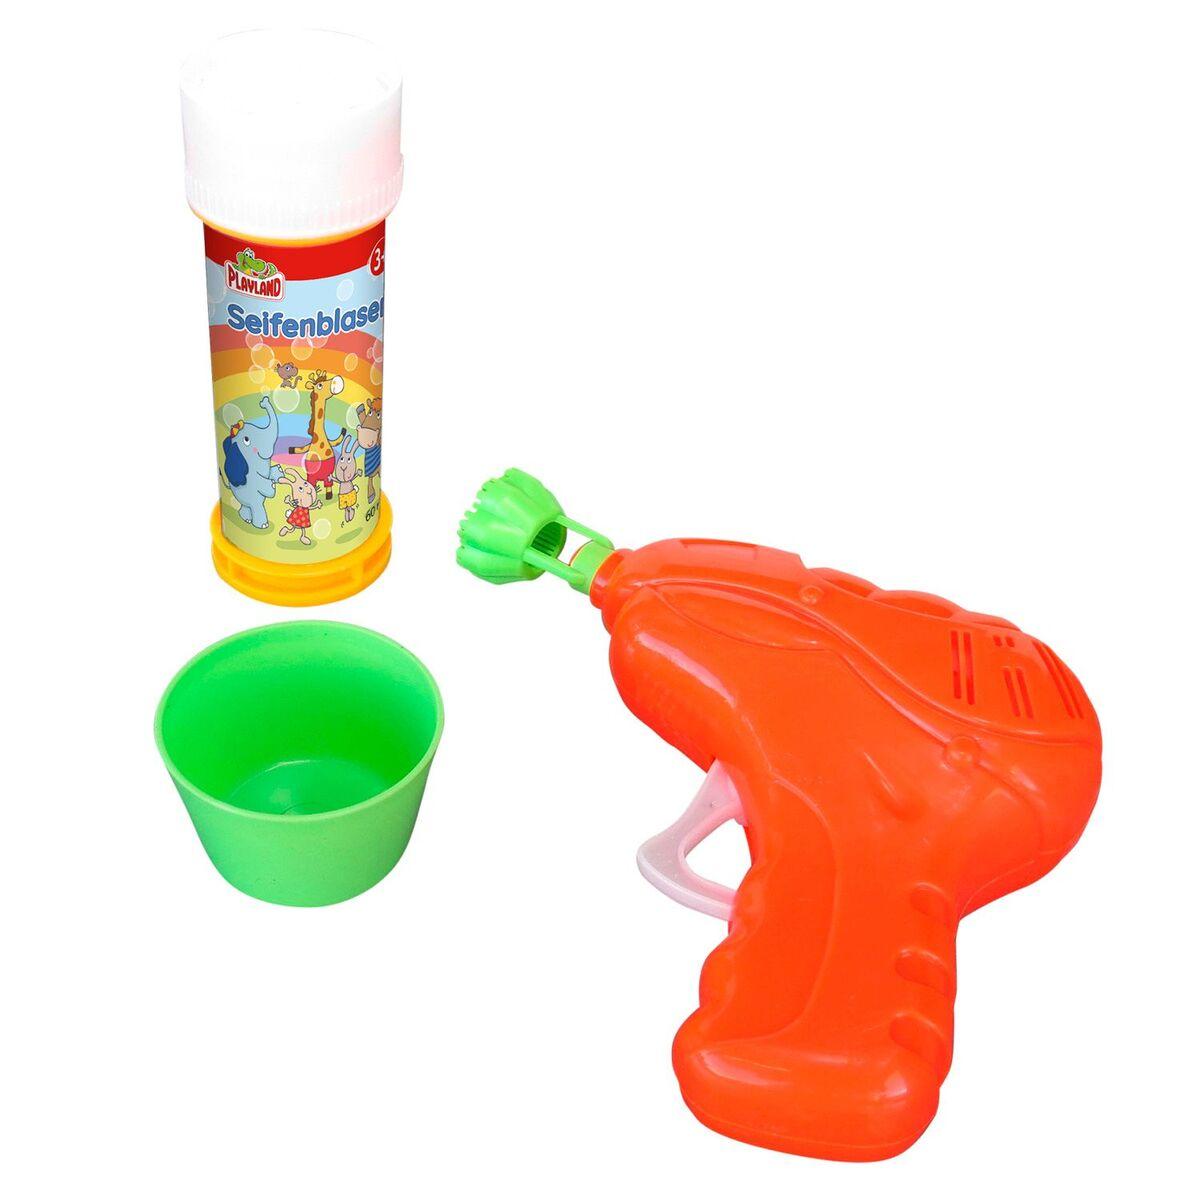 Bild 3 von Playland Seifenblasen-Spielzeug